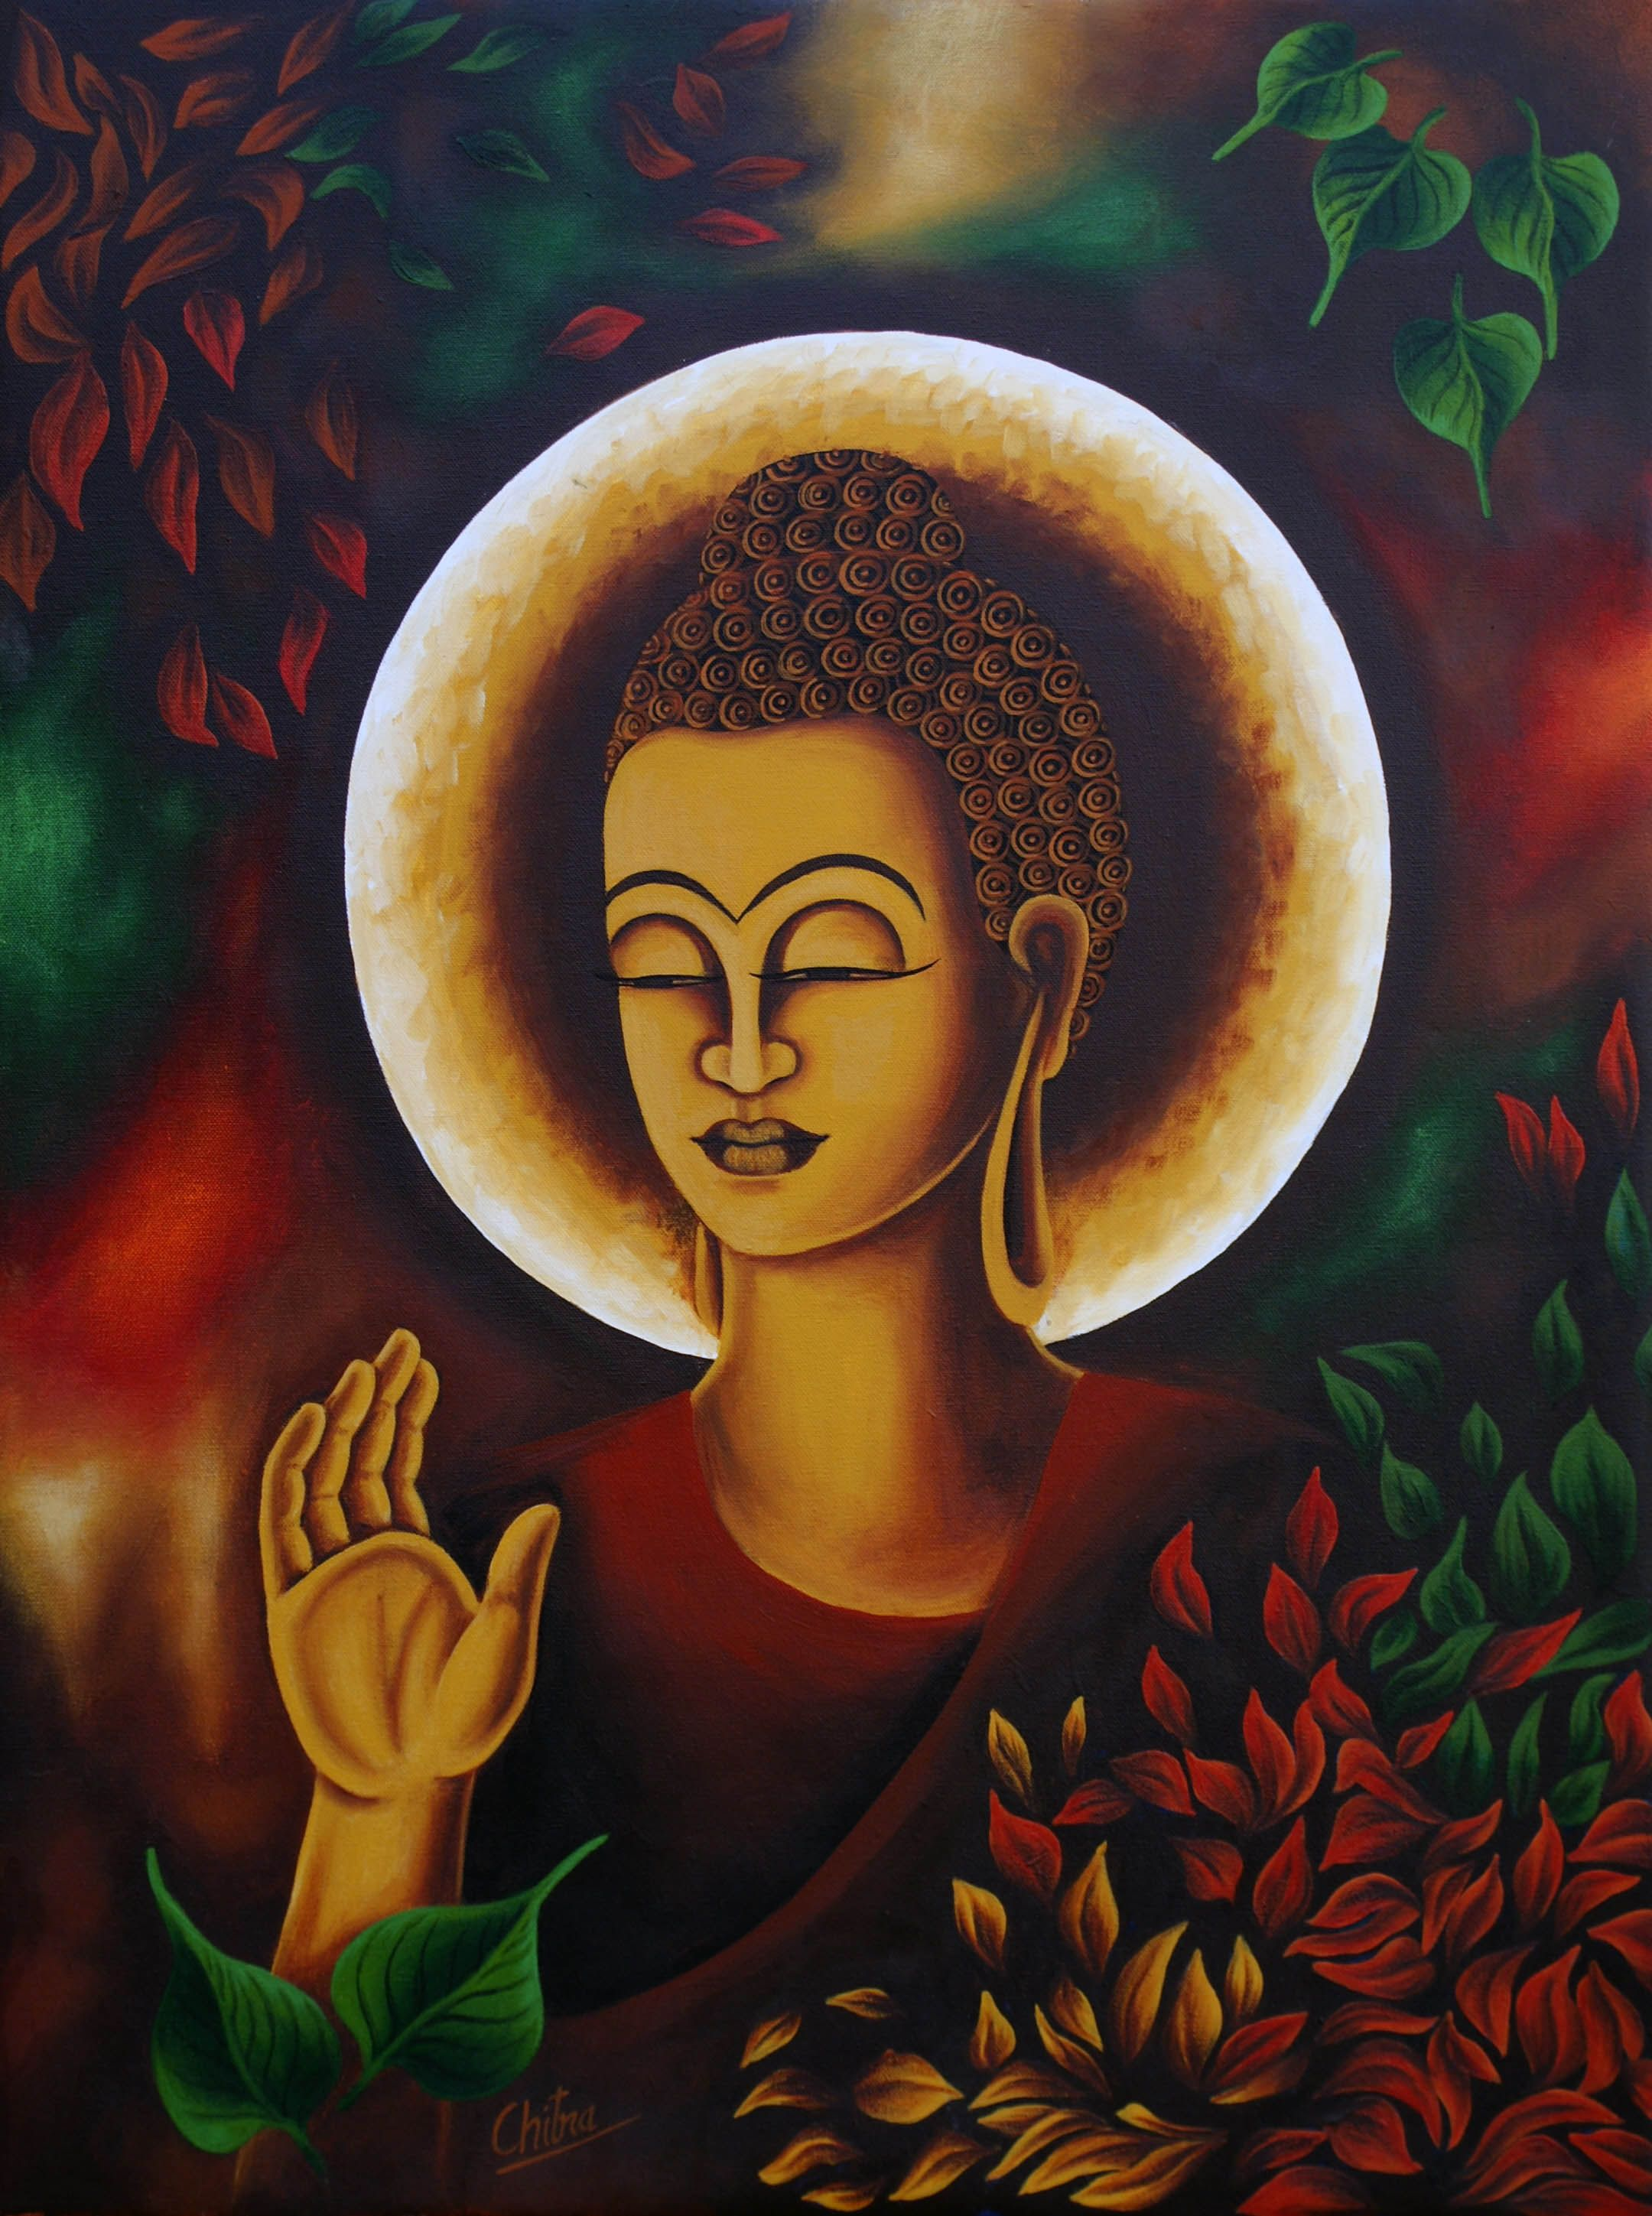 дрочил арт картинки будда белоснежной